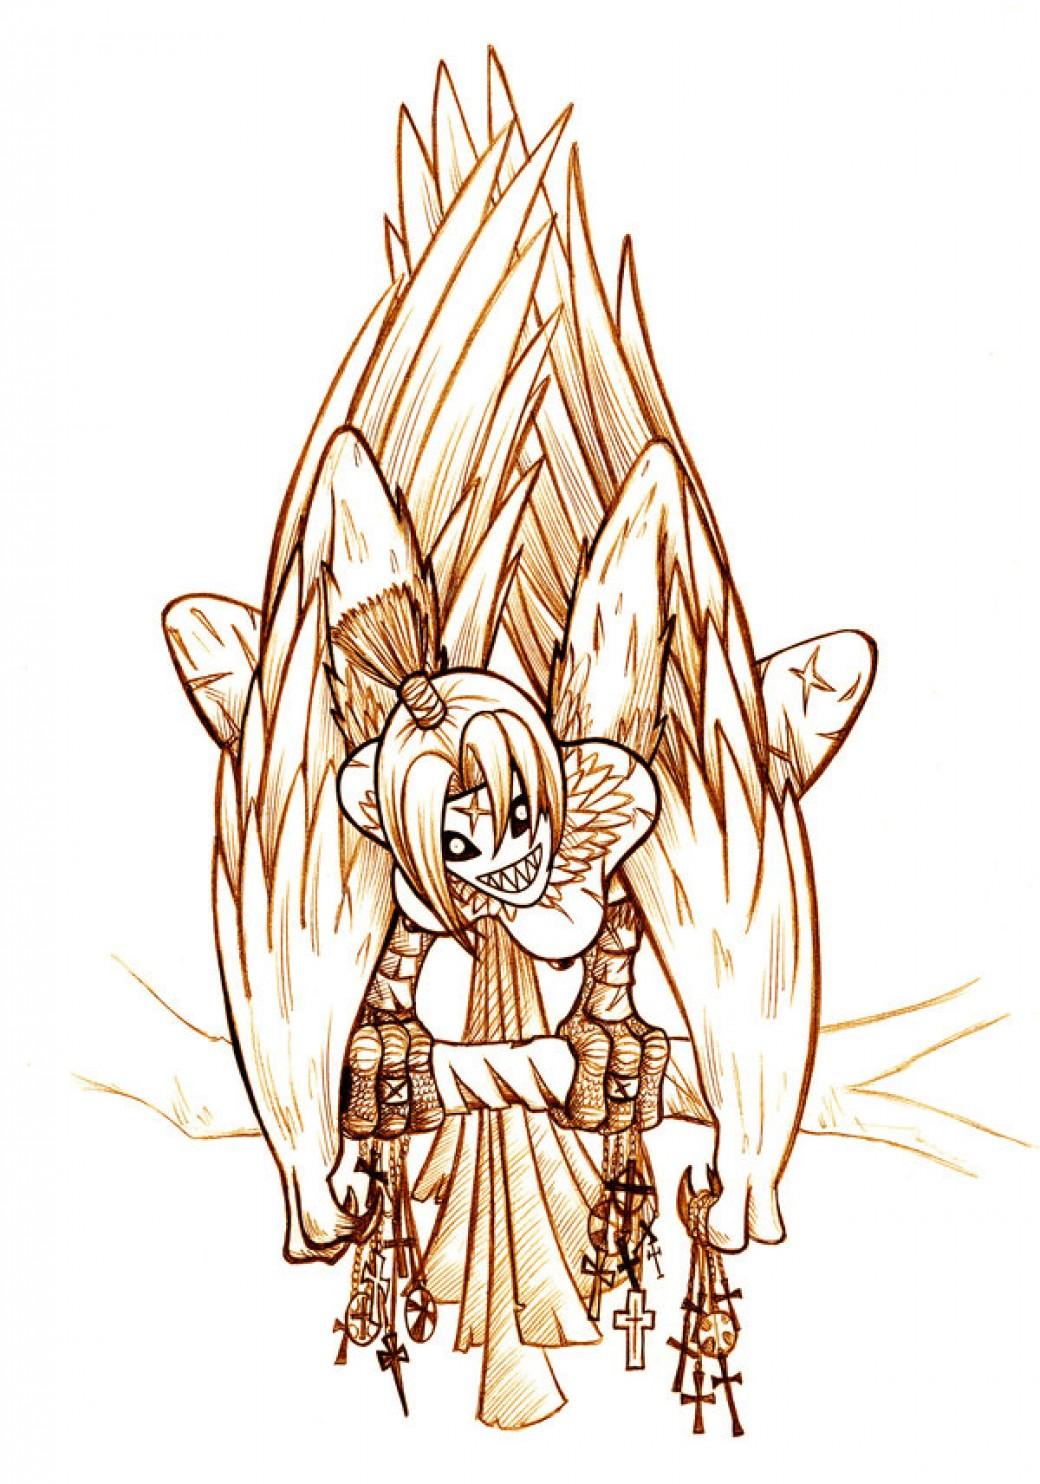 Creature - Harpy por Paladin-Ciel